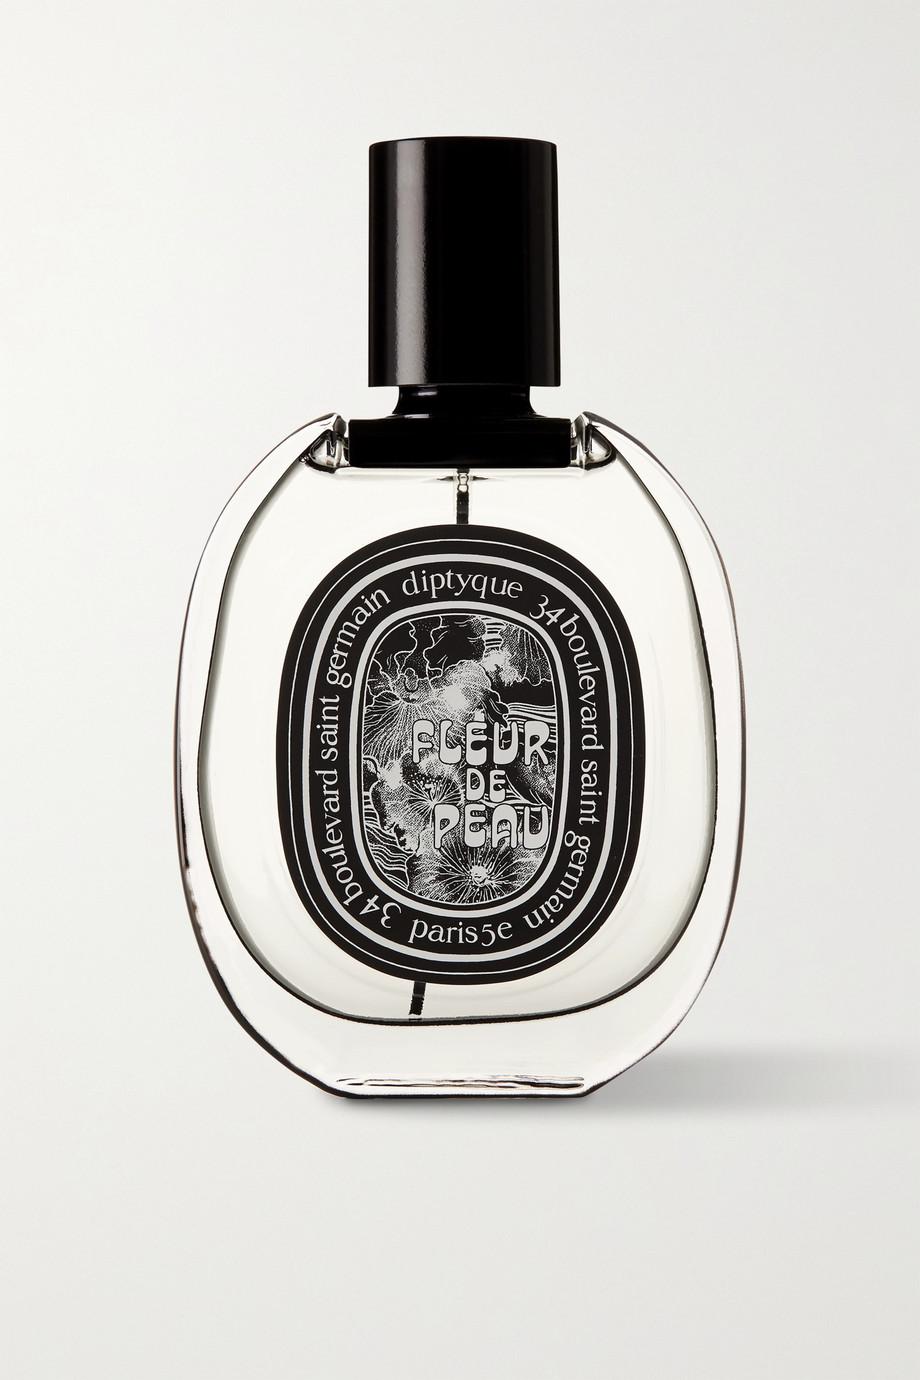 Diptyque Fleur de Peau Eau de Parfum - Musk, Iris, Ambrettolide, 75ml